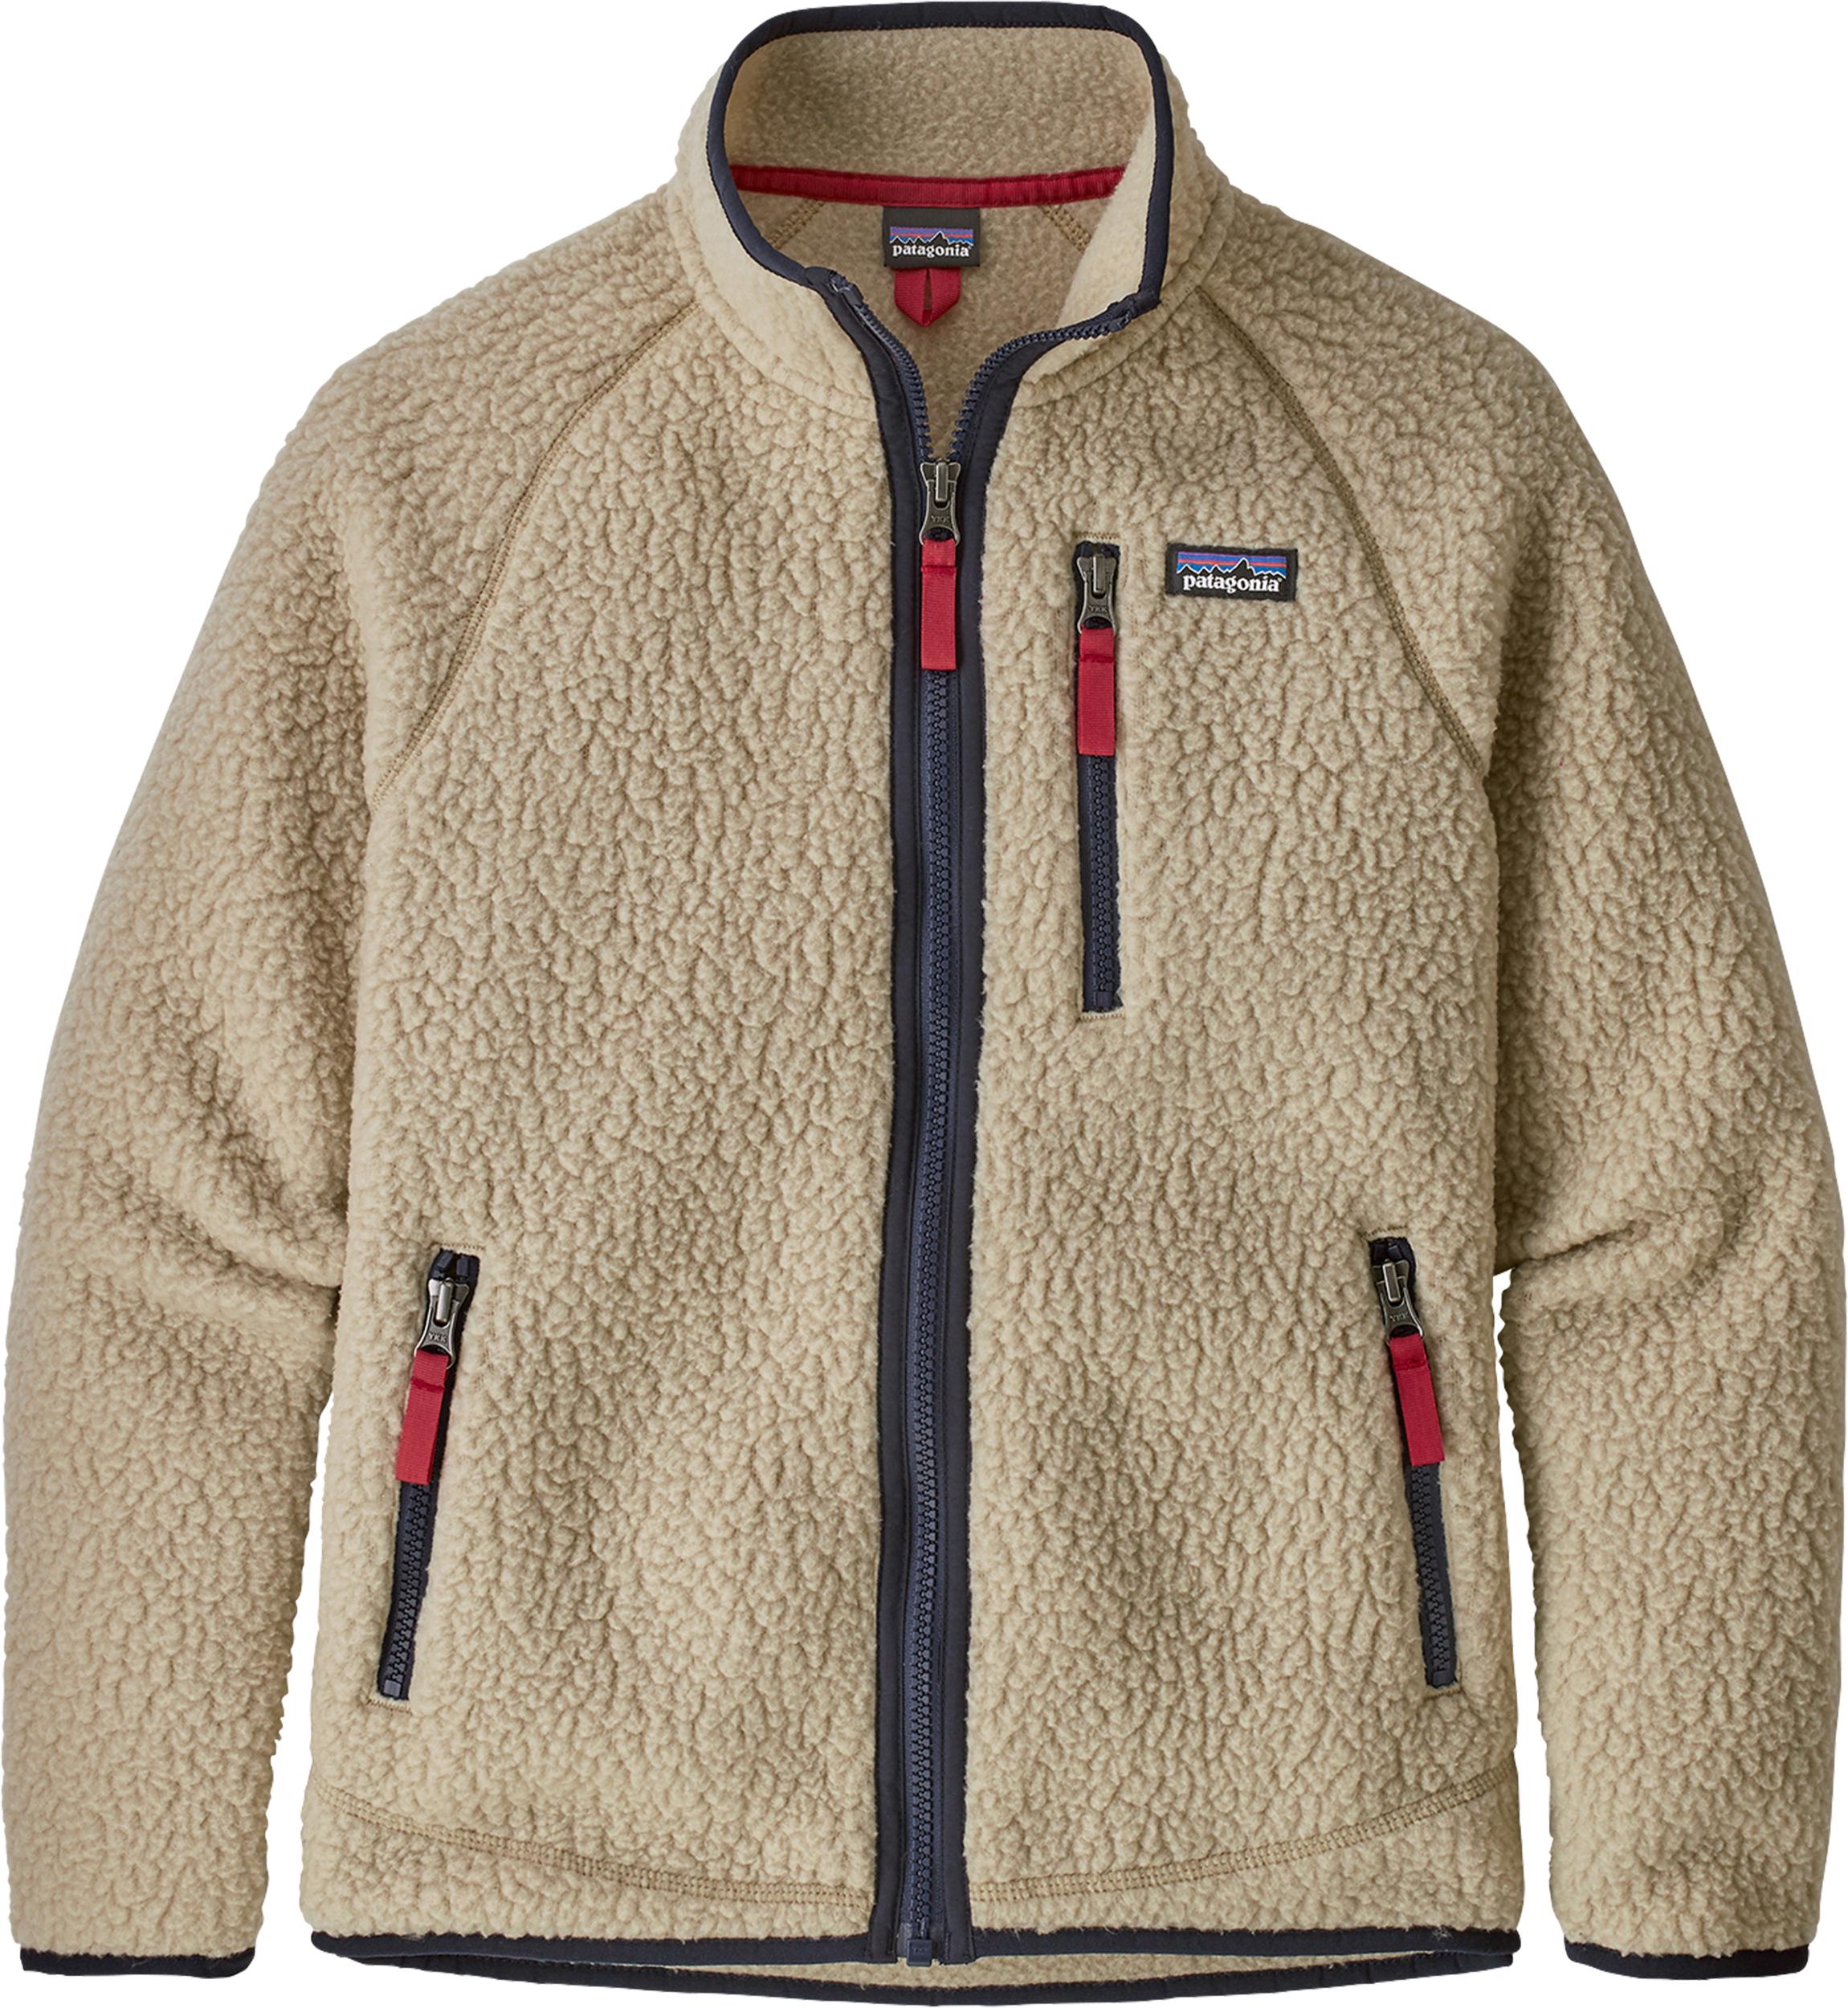 e896c65d6 Patagonia Retro Pile Jacket - Boys'